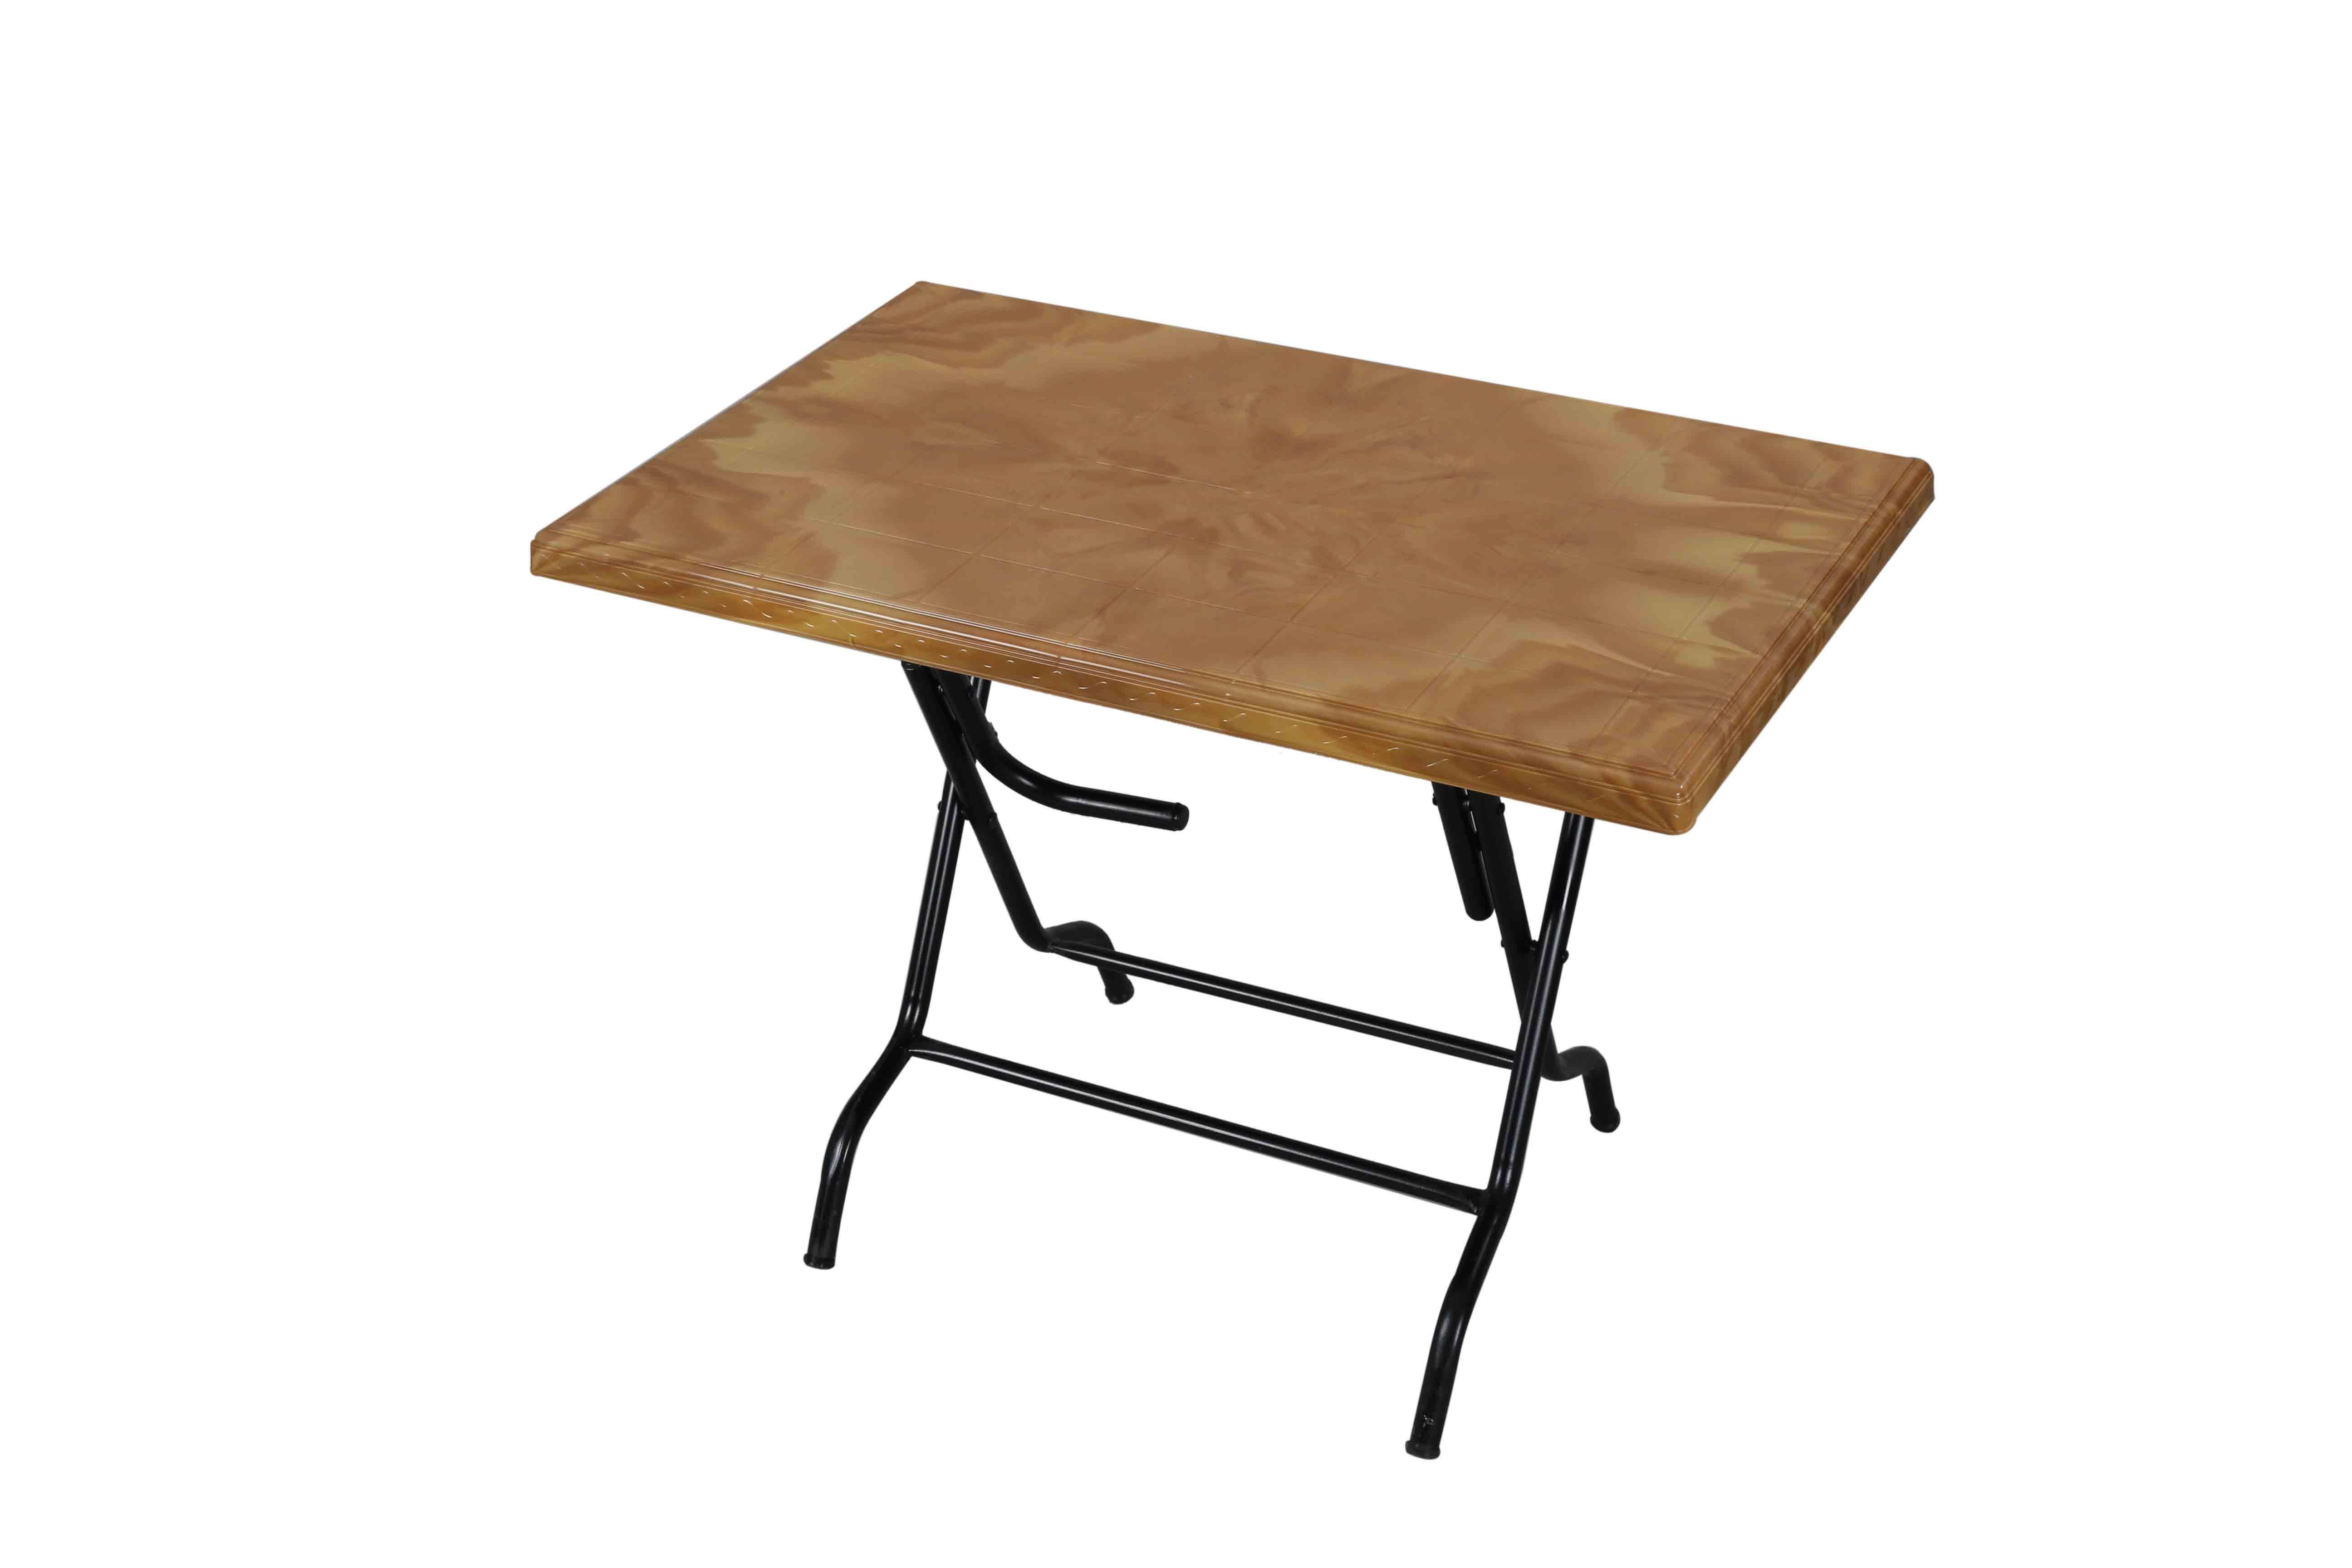 Decorate Table 6 Seated St/Leg – Sandal Wood